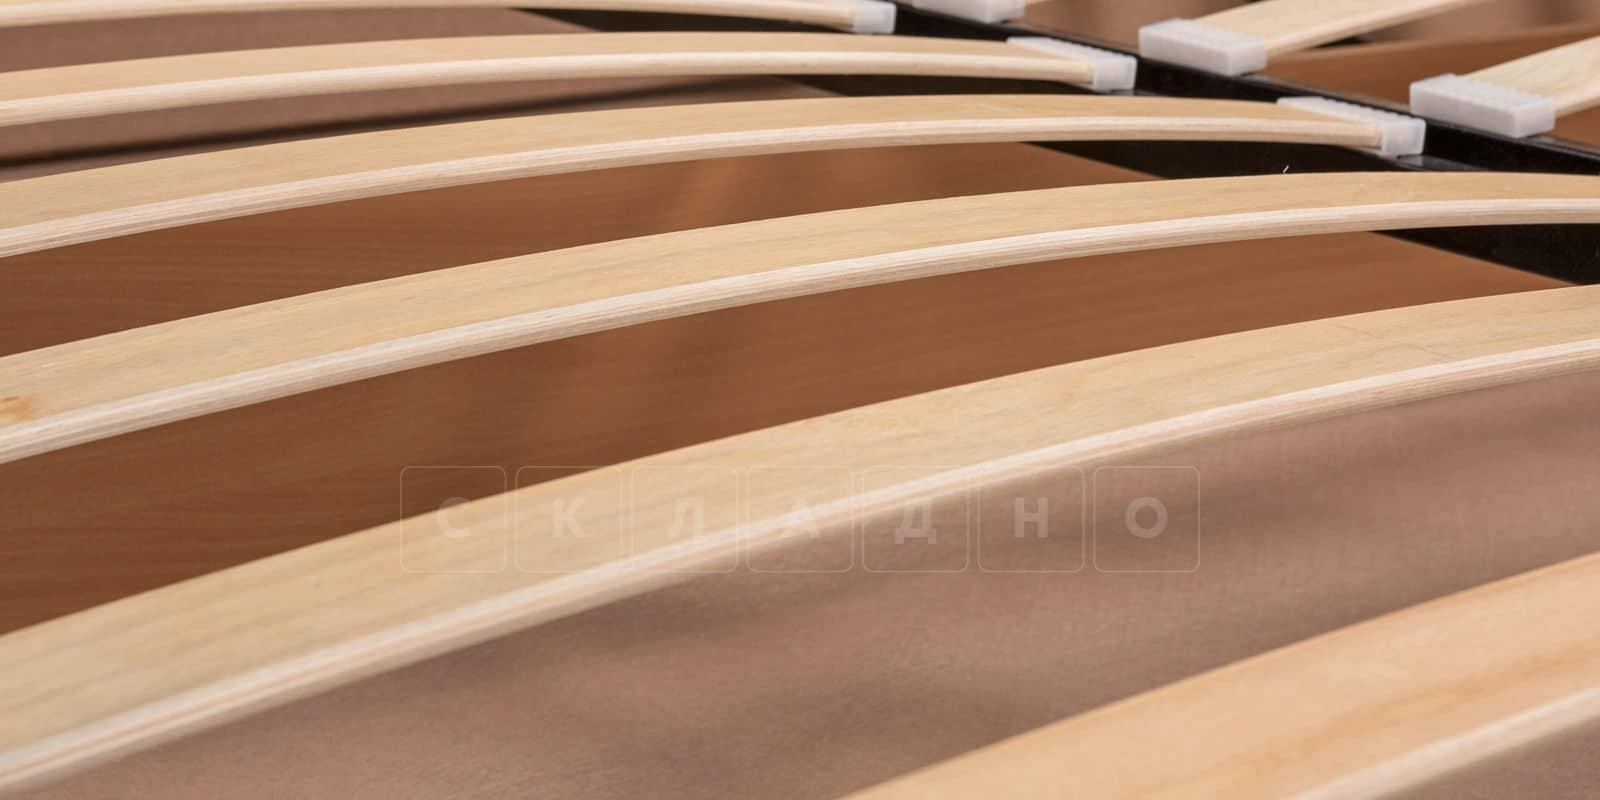 Мягкая кровать Афина 160см экокожа темно-бежевого цвета фото 7 | интернет-магазин Складно